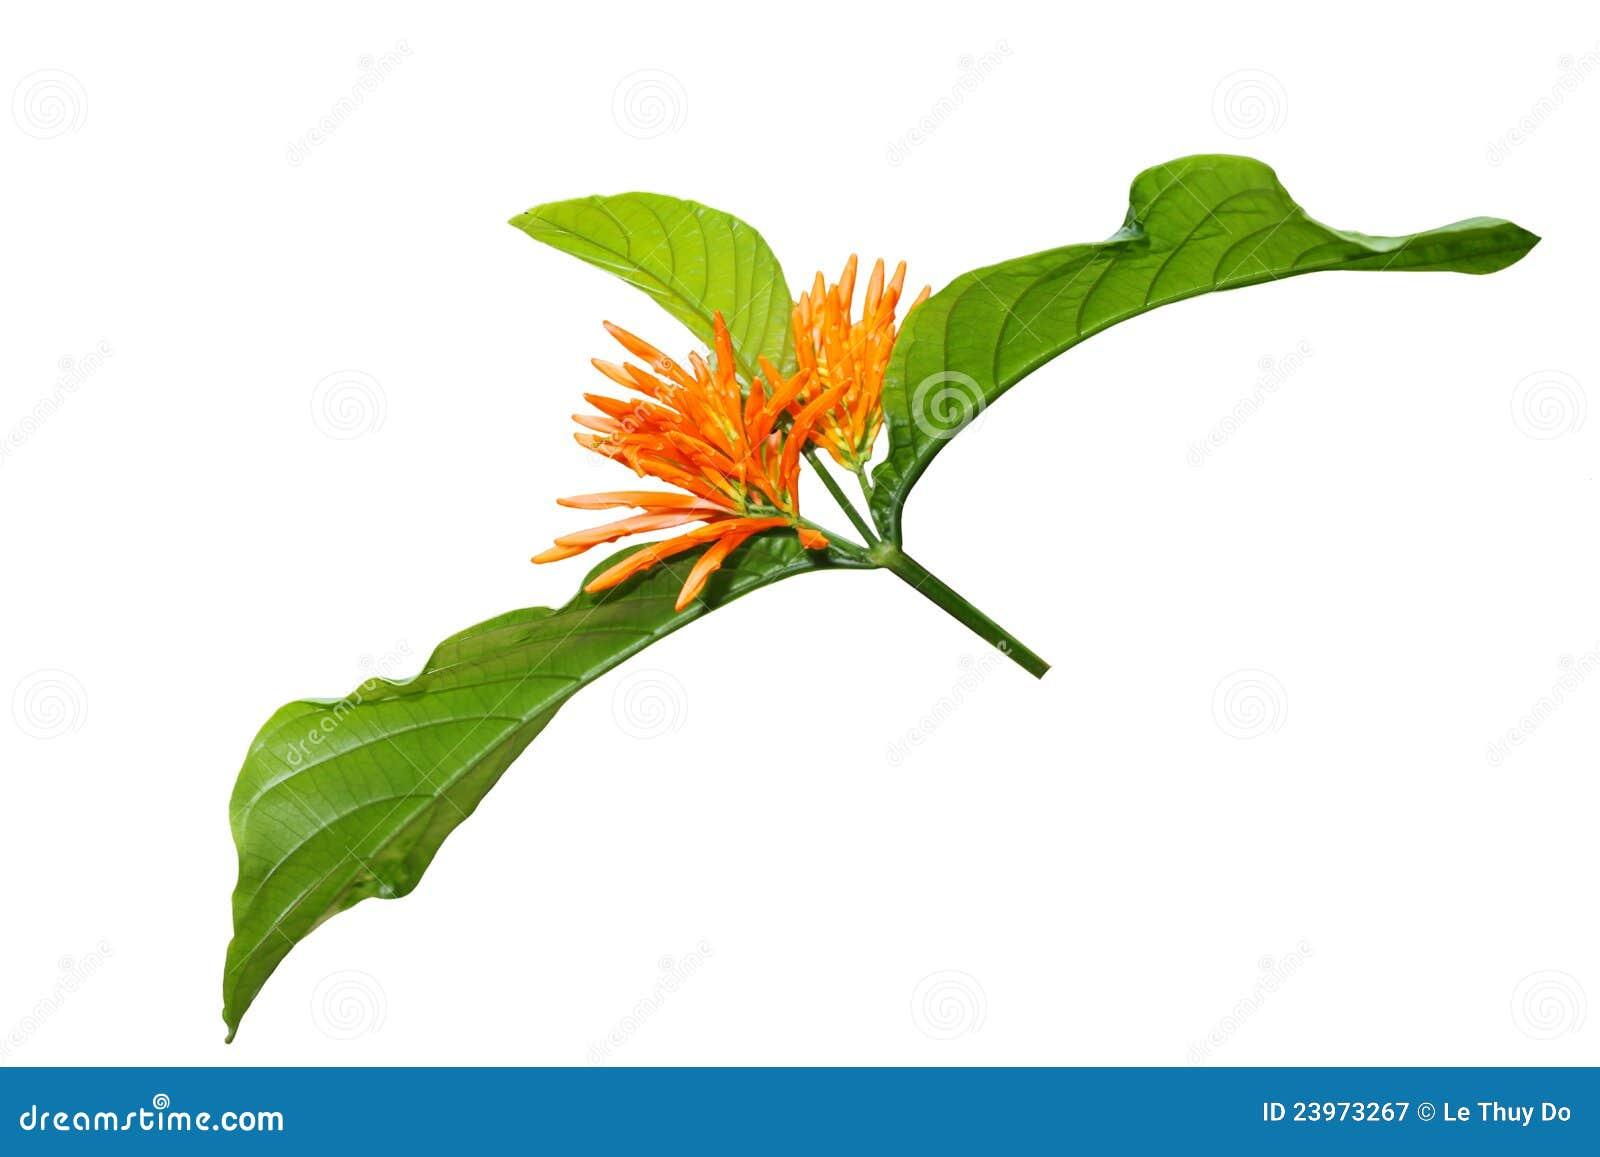 fleur exotique orange photographie stock libre de droits image 23973267. Black Bedroom Furniture Sets. Home Design Ideas